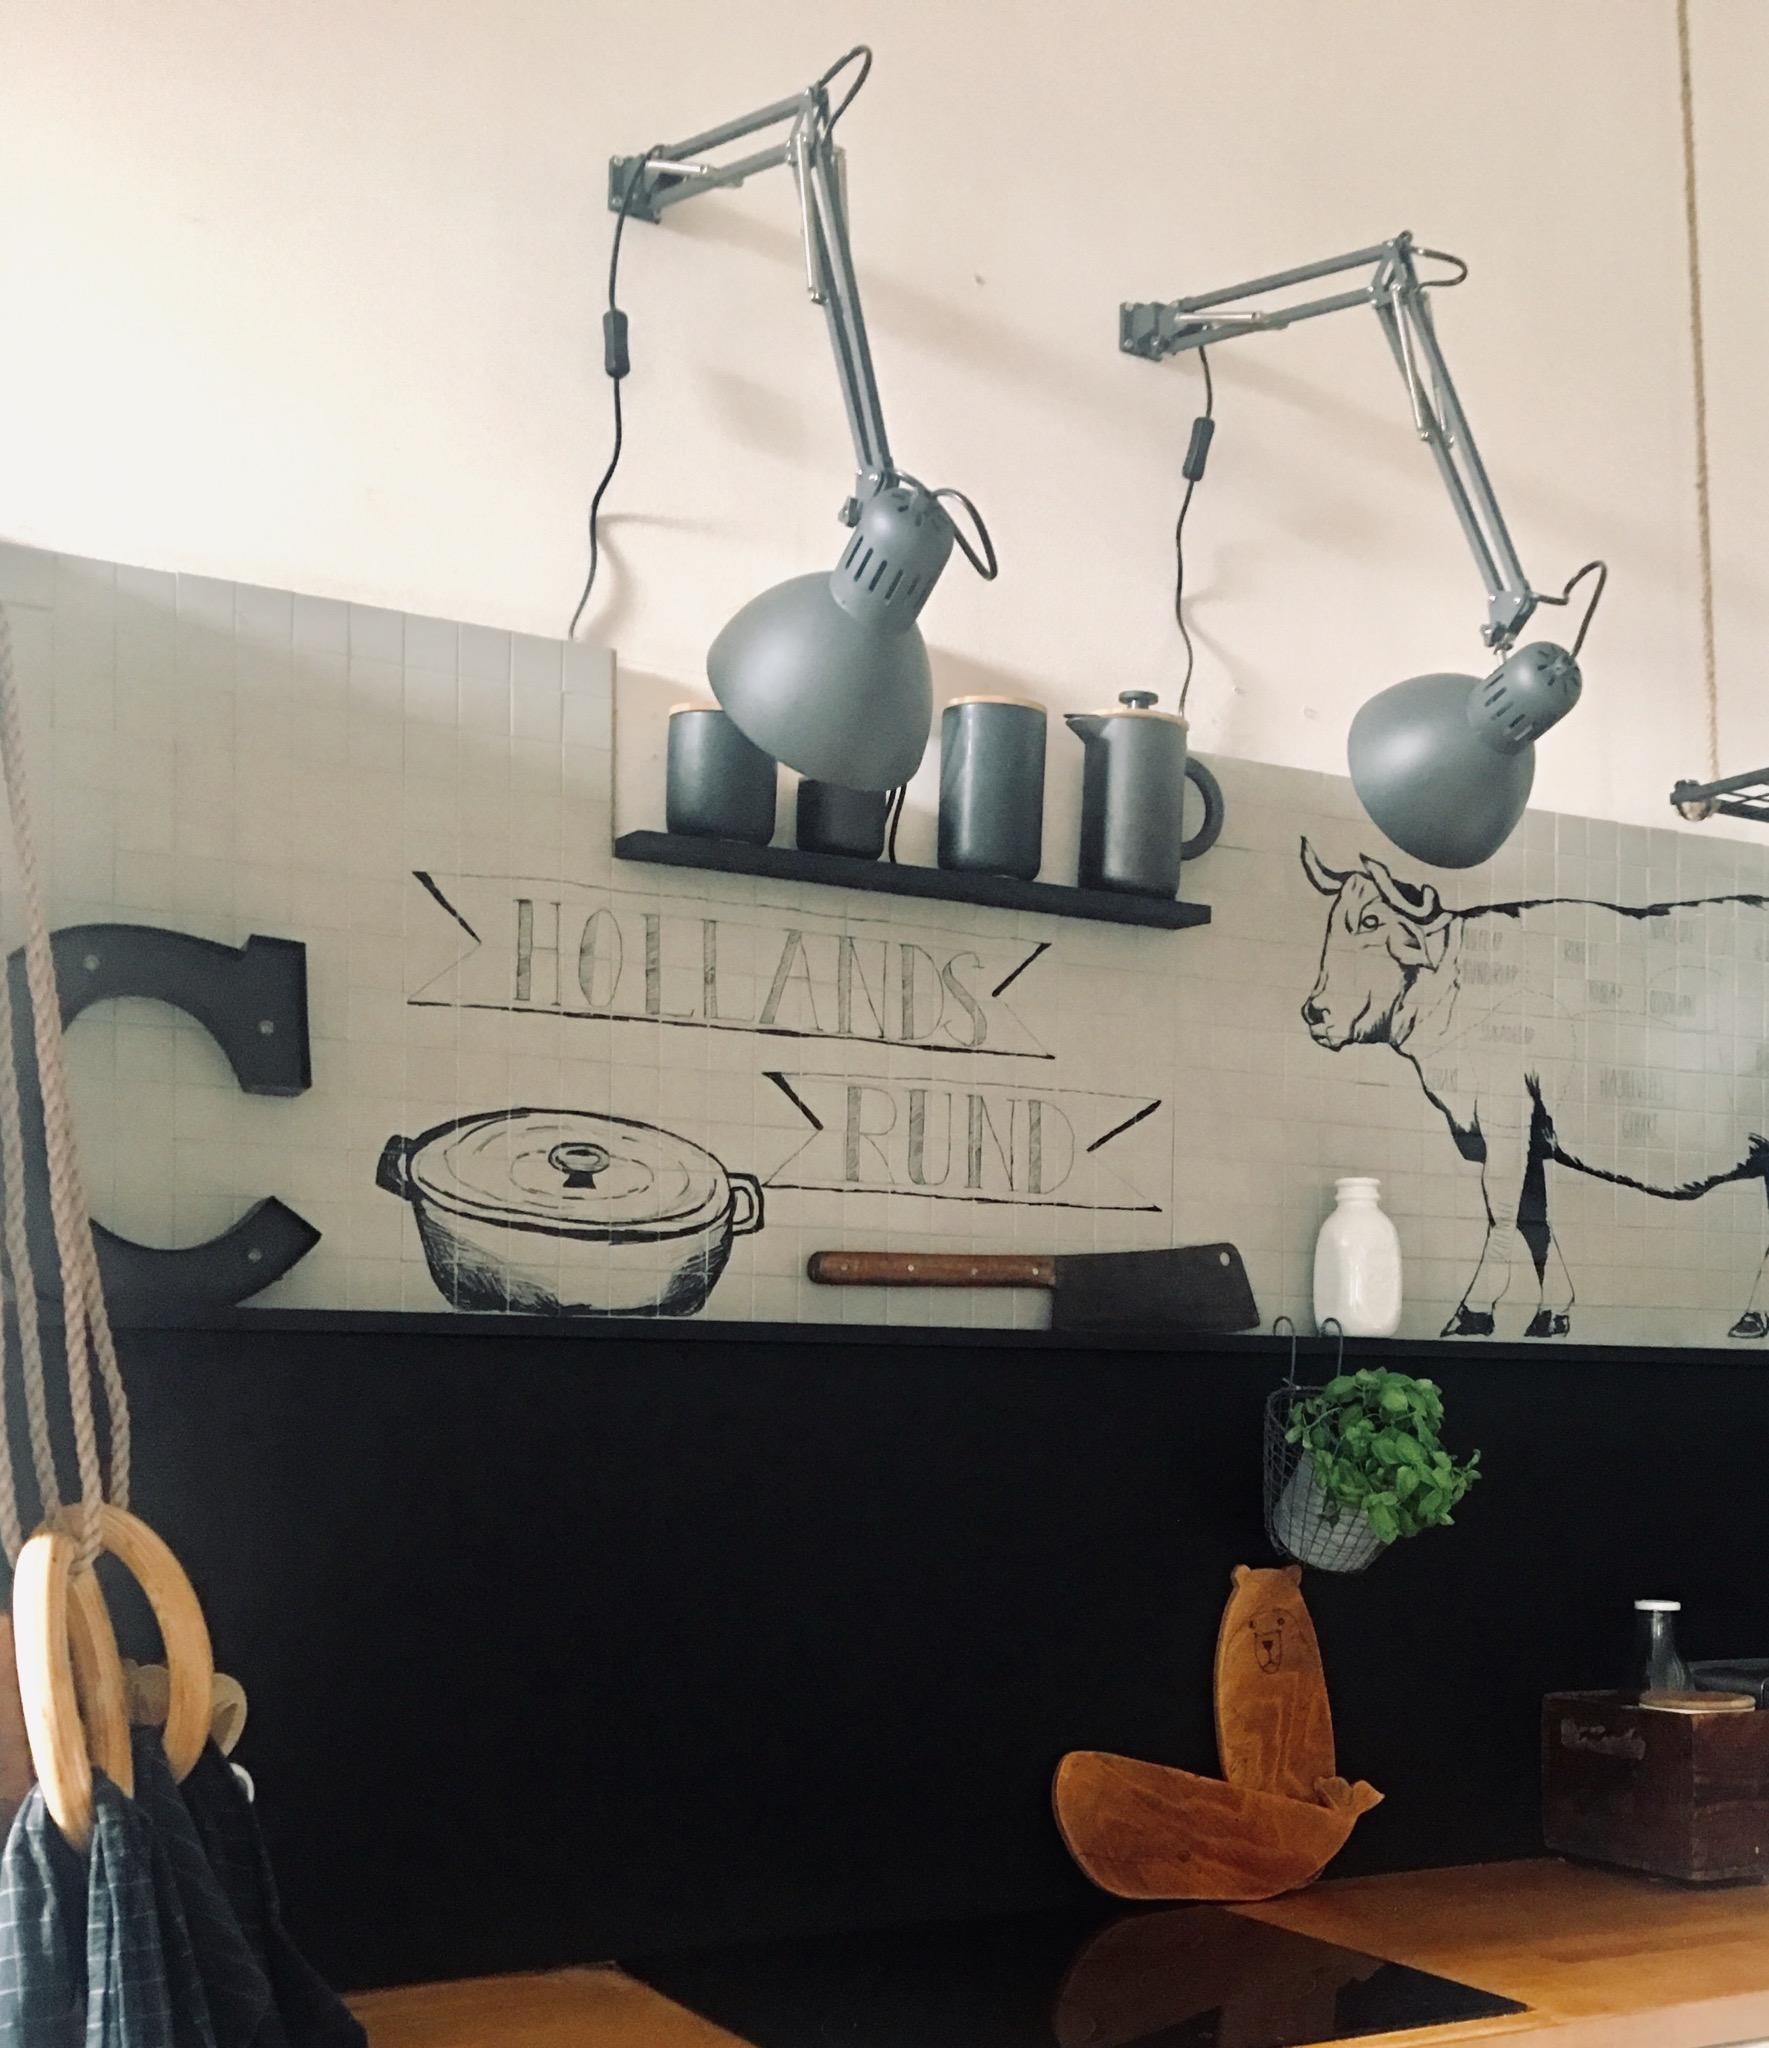 Full Size of Ausaltmachneukcherckwandfliesendiykruterlam Kleine Einbauküche Küche Mit Geräten Gardinen Für Die Billig Kaufen Wandpaneel Glas U Form Rollwagen Outdoor Wohnzimmer Rückwand Küche